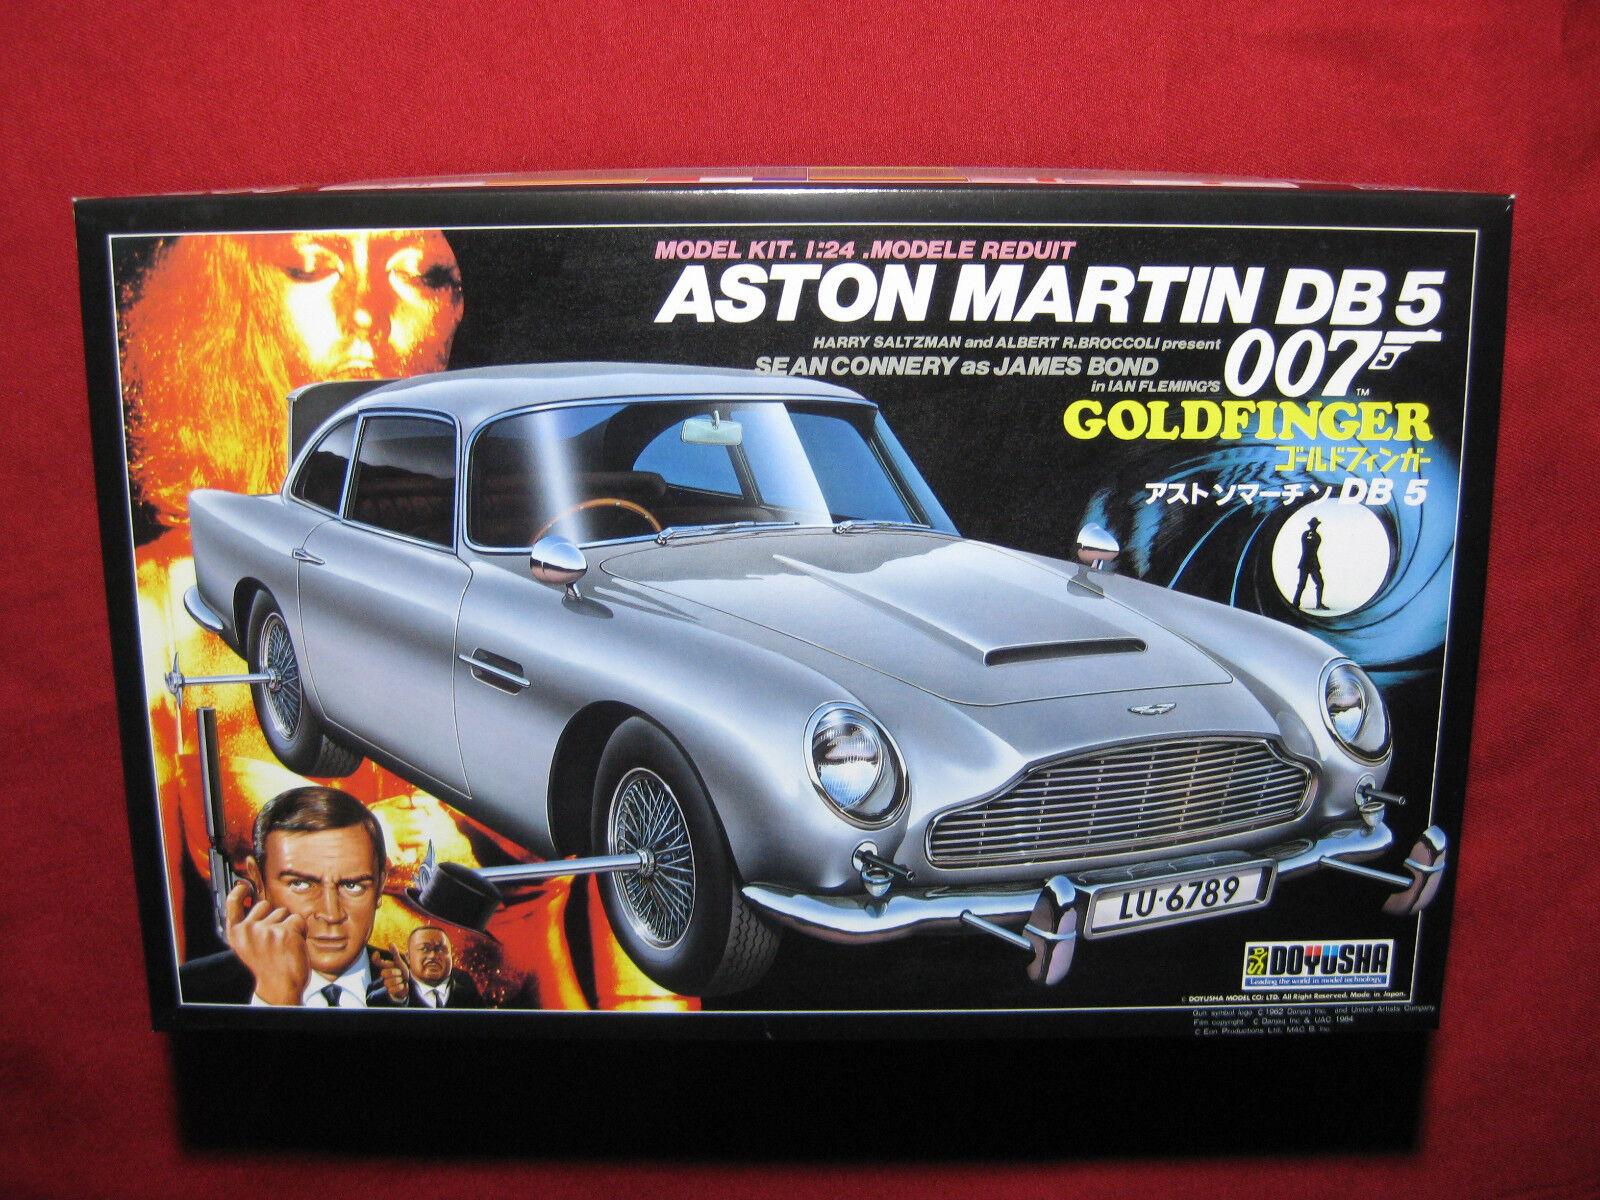 James Bond goldfinger Aston Martin DB 5 Odd Job 007 Figures Doyusha 1 24 DB5 Car